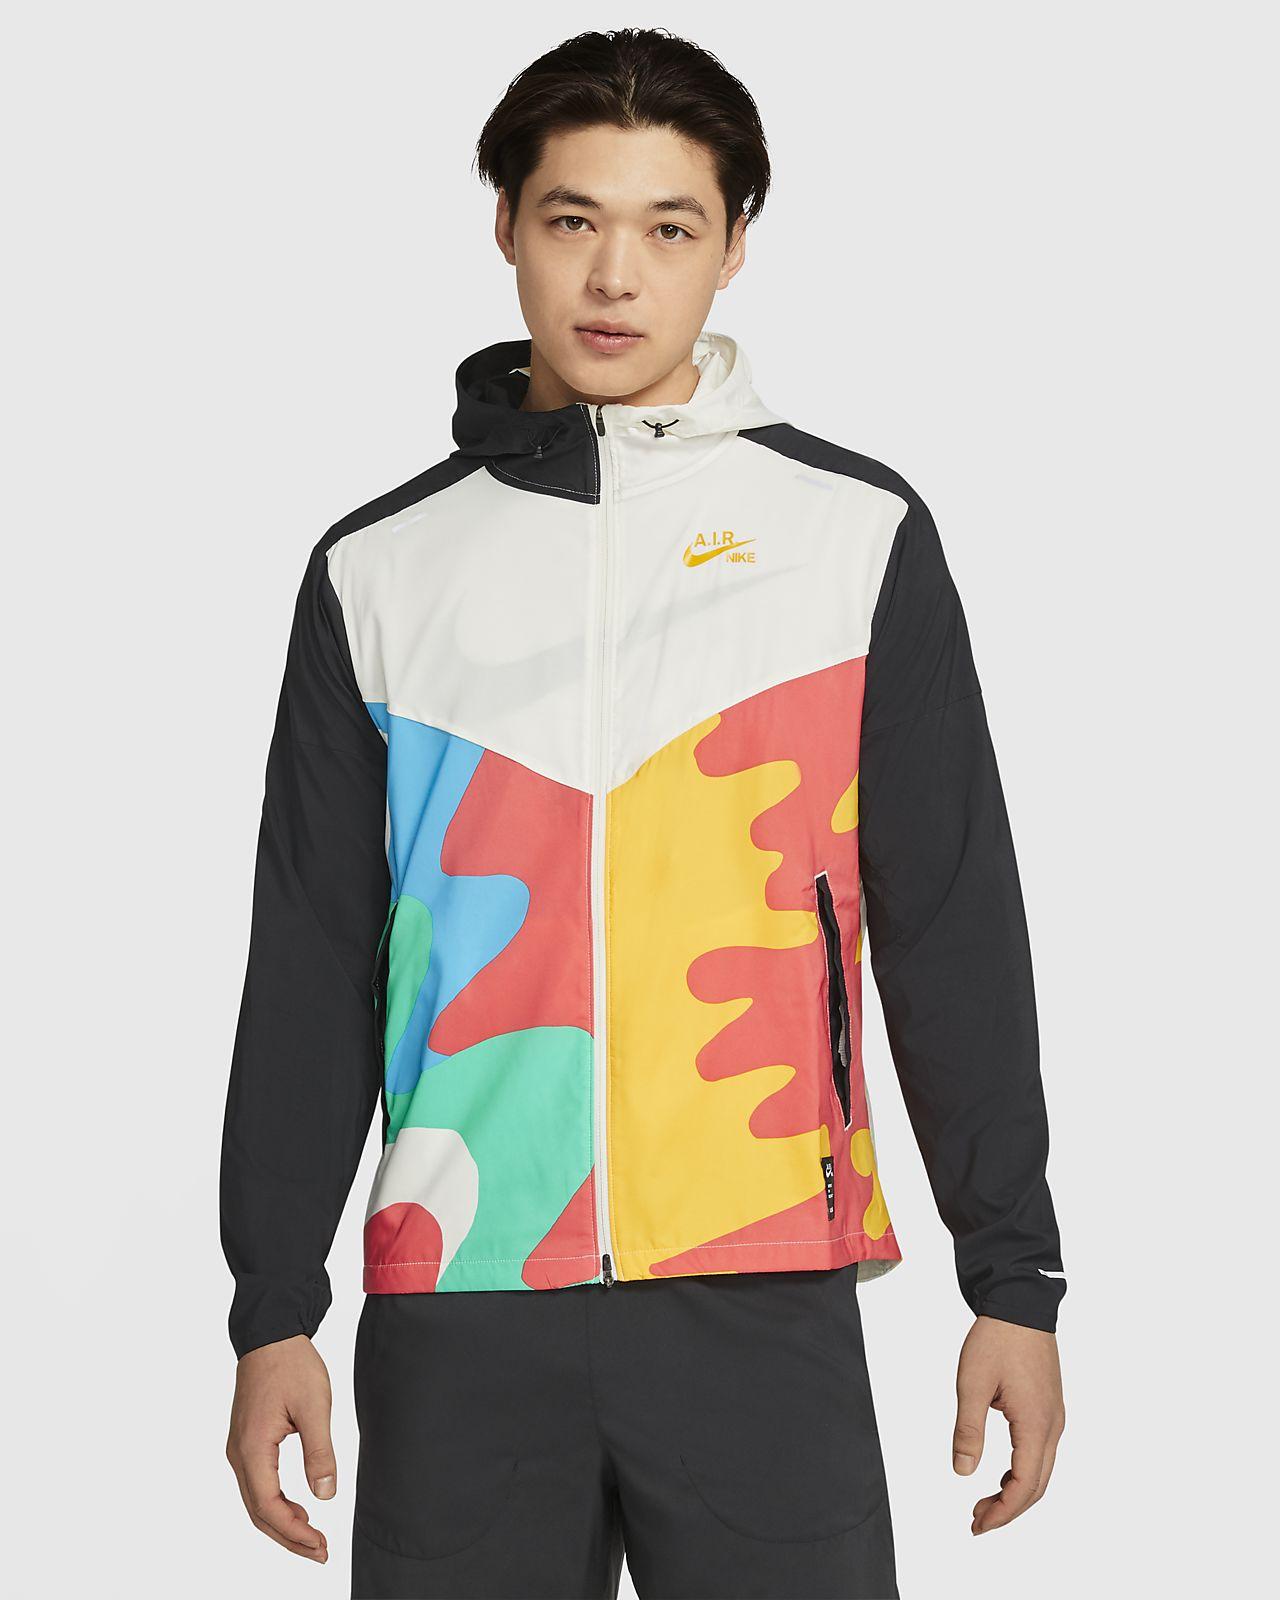 Nike Windrunner A.I.R. เสื้อแจ็คเก็ตวิ่งผู้ชาย